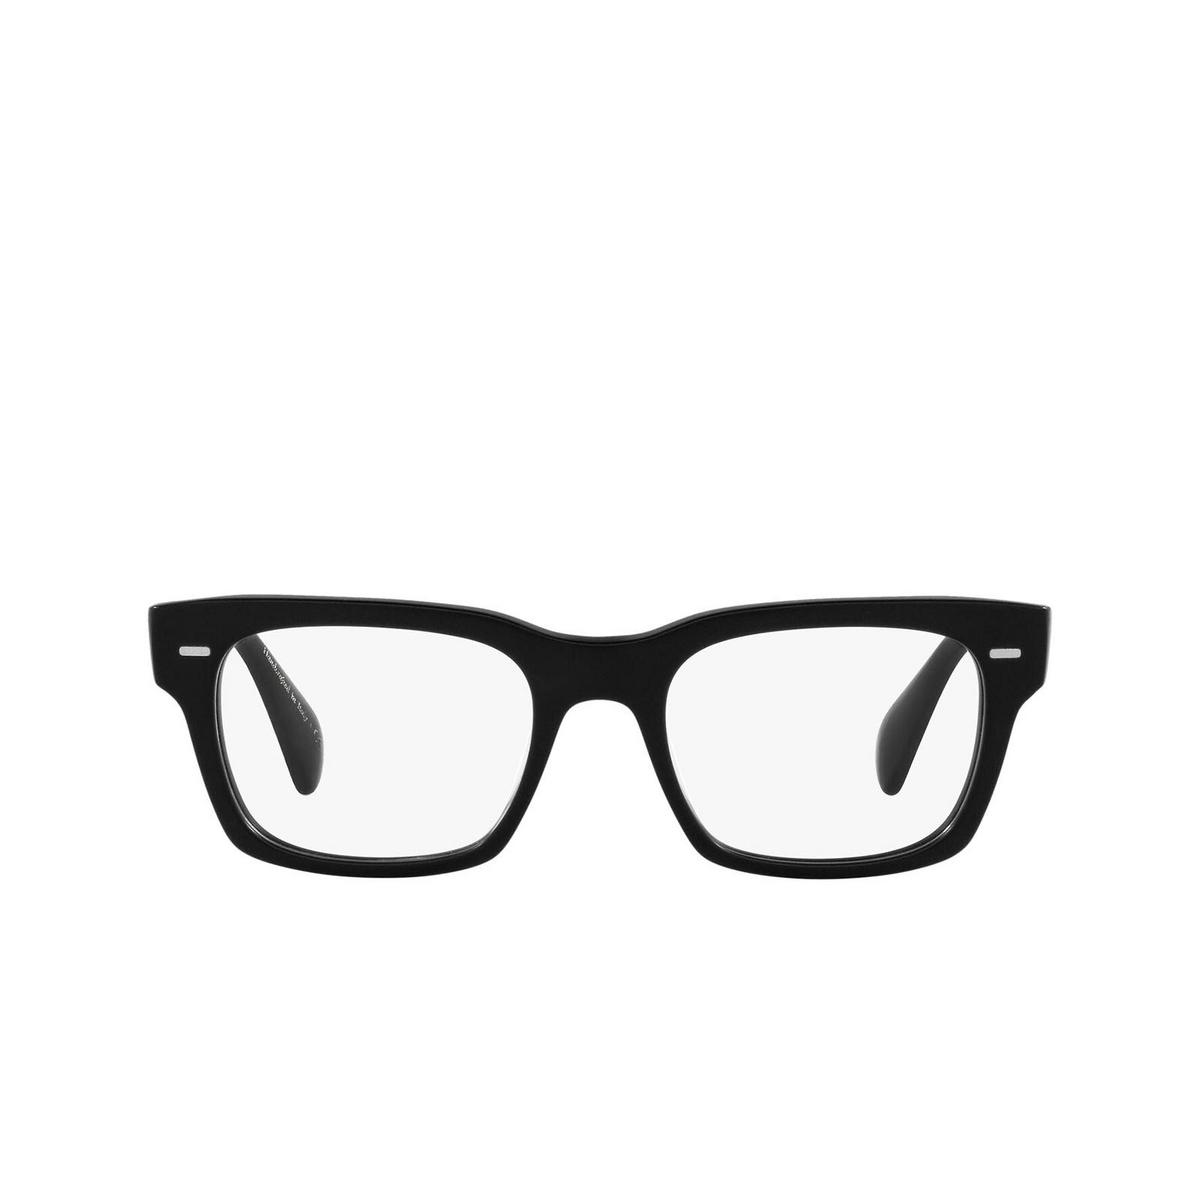 Oliver Peoples® Square Eyeglasses: Ryce OV5332U color Matte Black 1465 - front view.